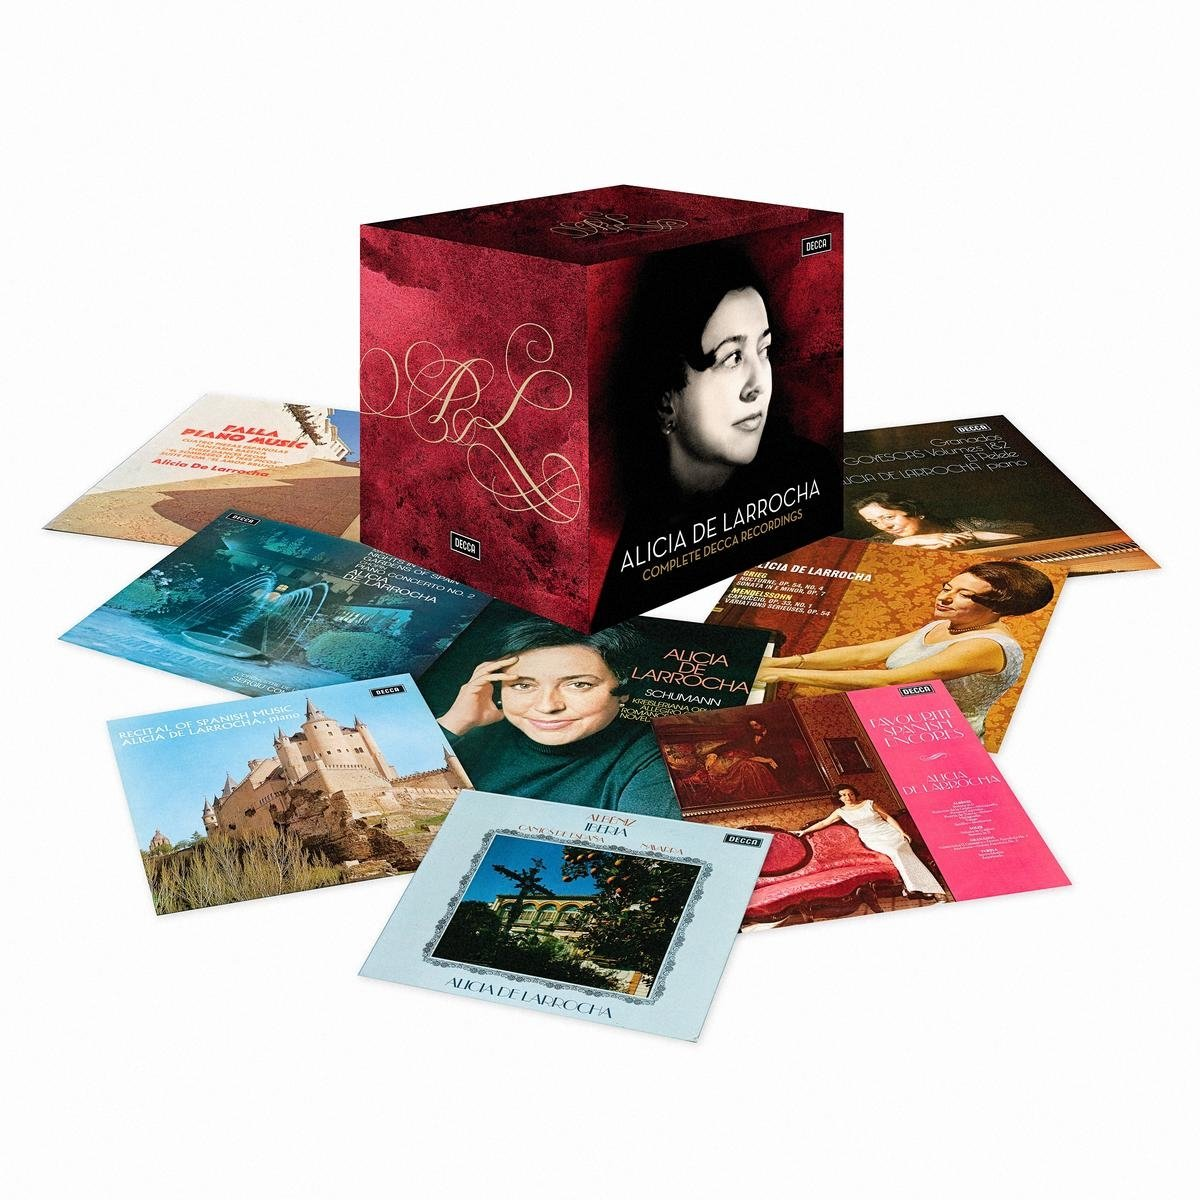 CD : Alicia de Larrocha - Alicia De Larrocha Complete Decca Recordings (Limited Edition, Boxed Set, 41PC)